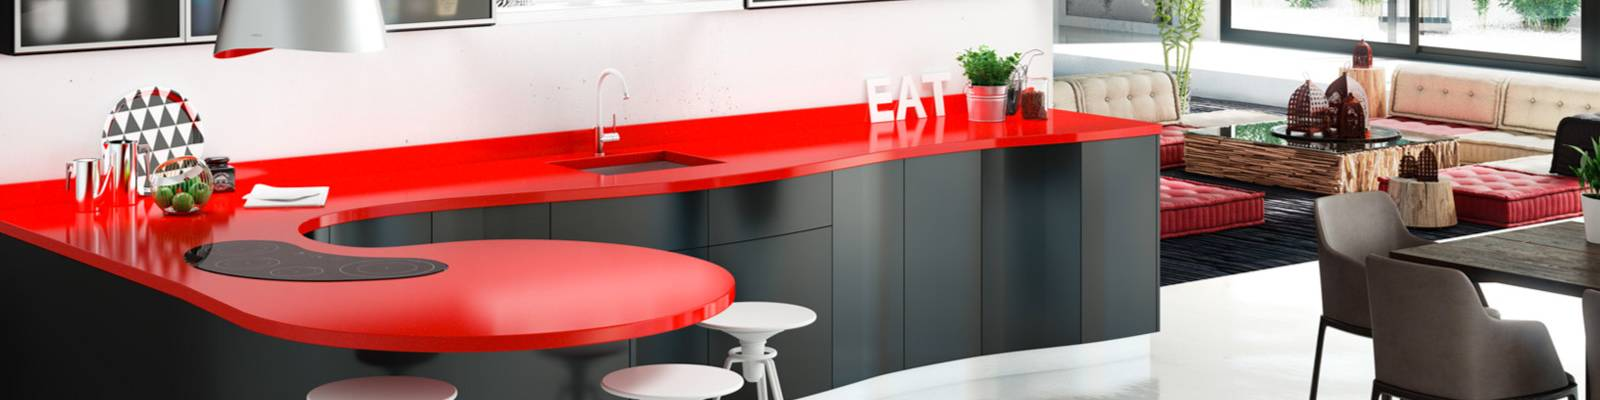 plan de travail sur mesure en ligne affordable cuisine rouge plan de travail bois for plan de. Black Bedroom Furniture Sets. Home Design Ideas